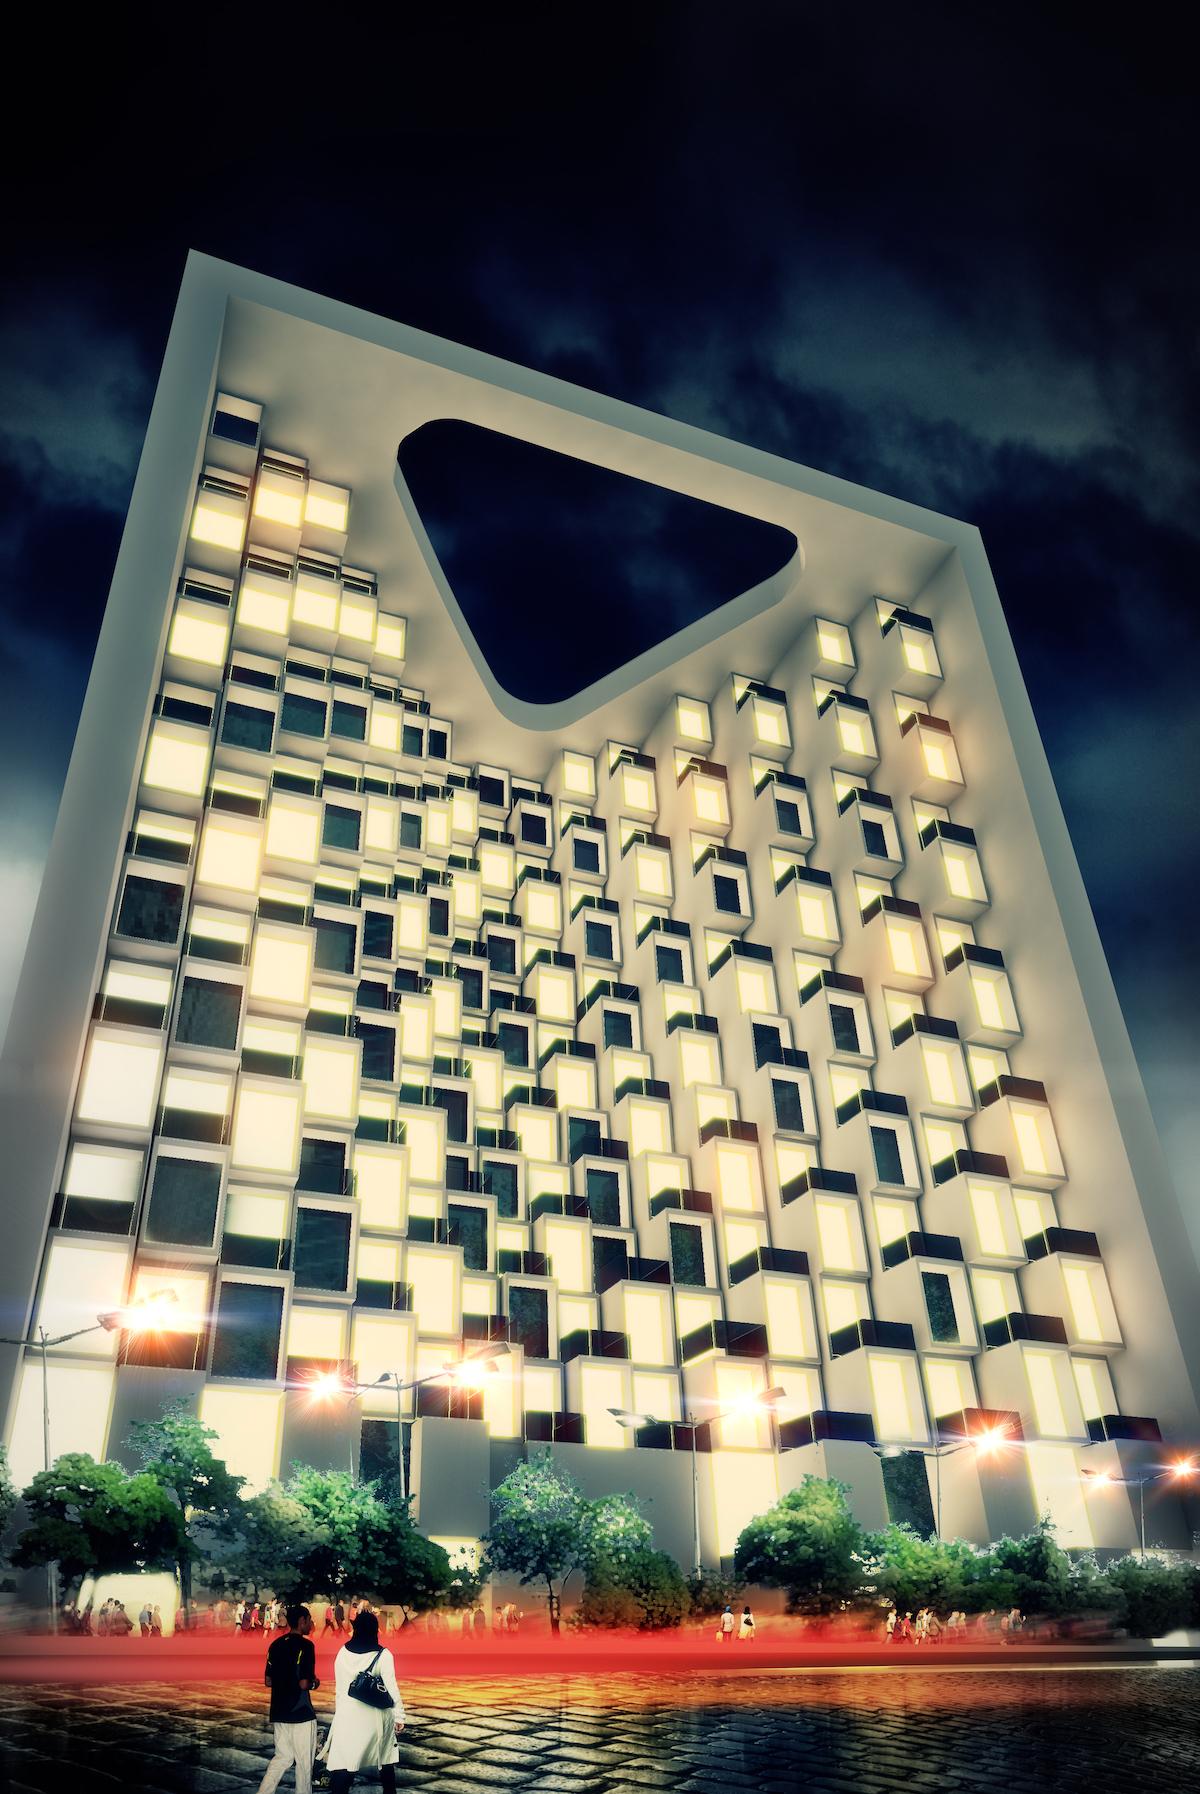 Exterior rendering of Asgari hotel